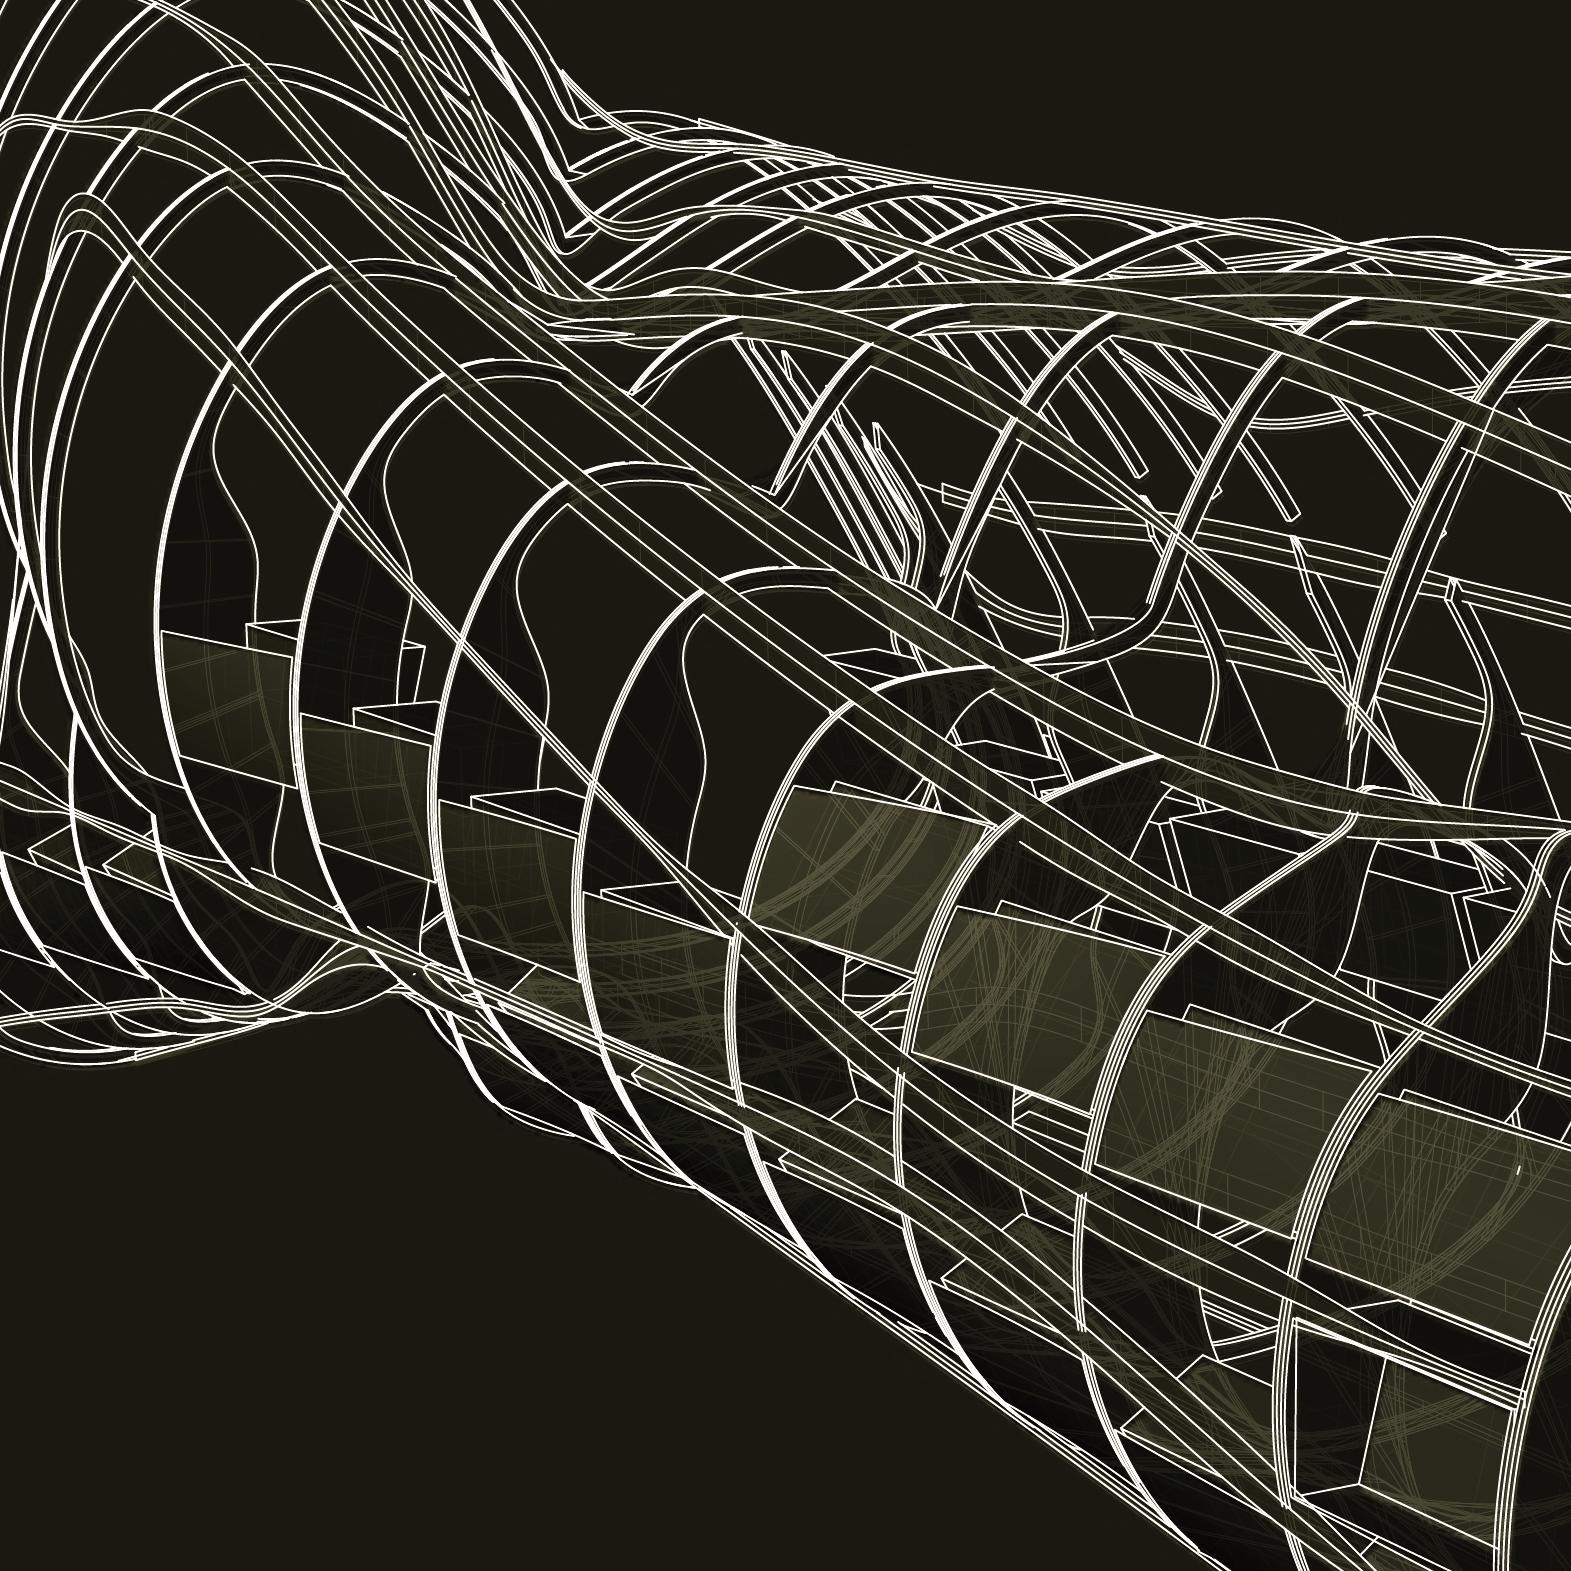 render1_detail2a_Schematic_Sabin.jpg